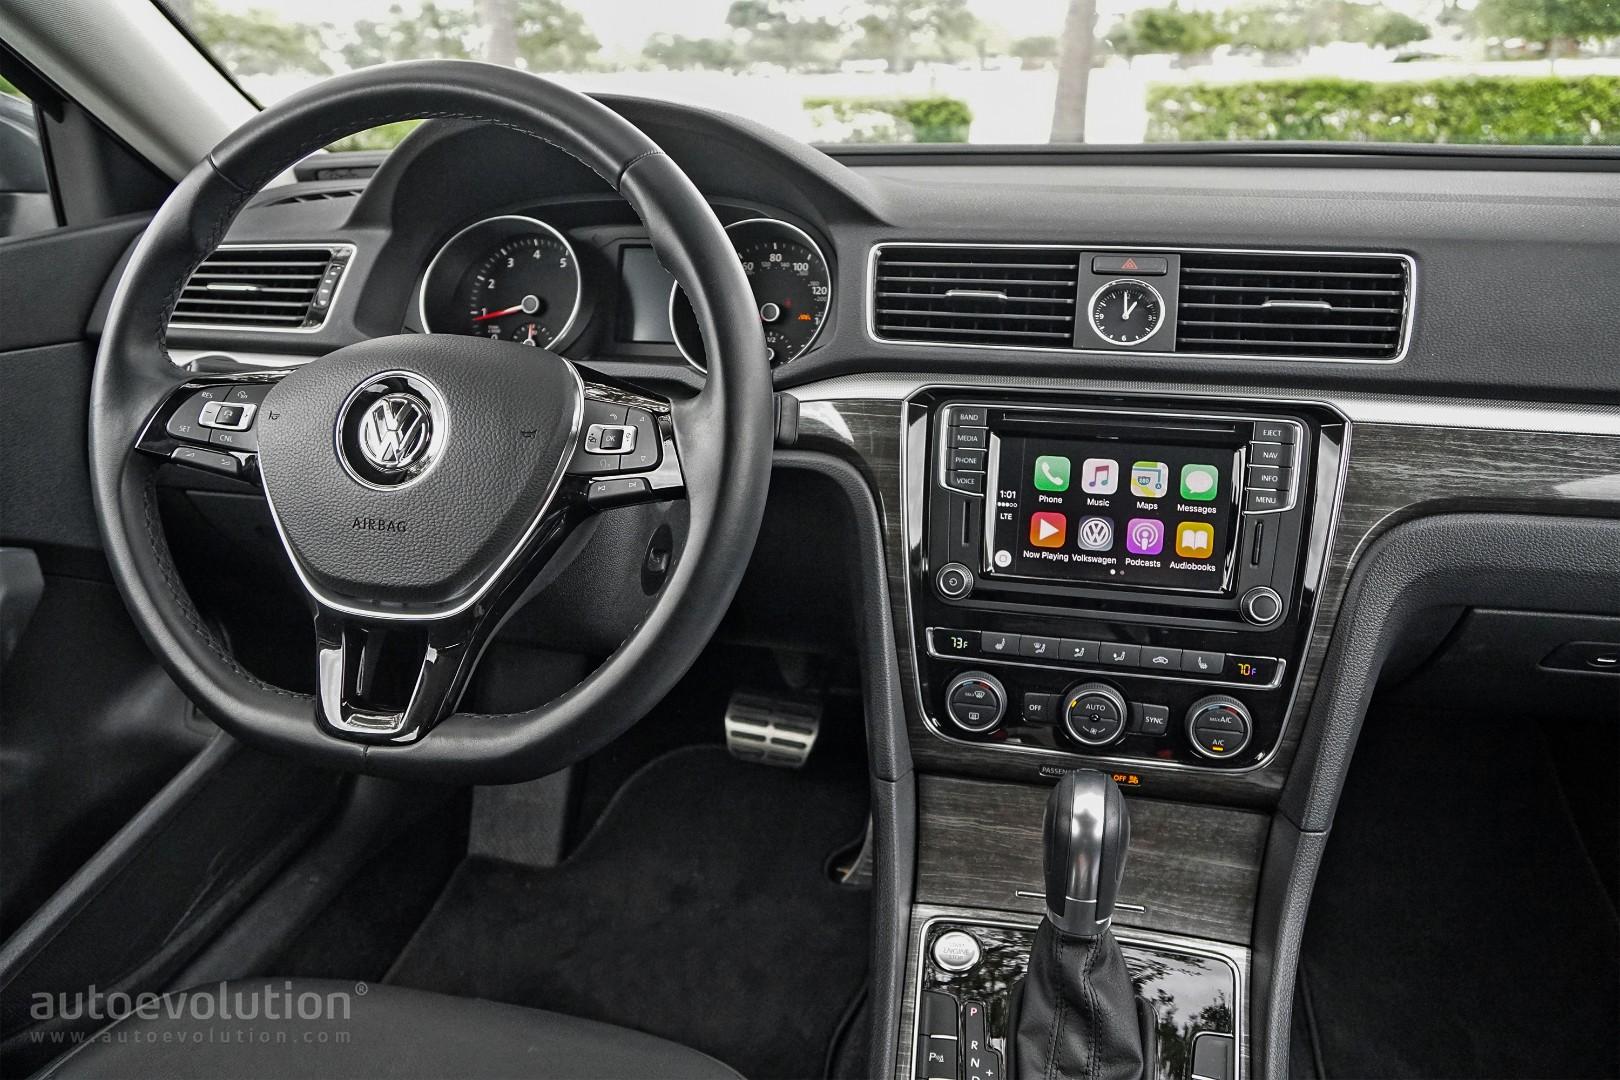 Driven 2017 Volkswagen Passat 18T SEL Premium